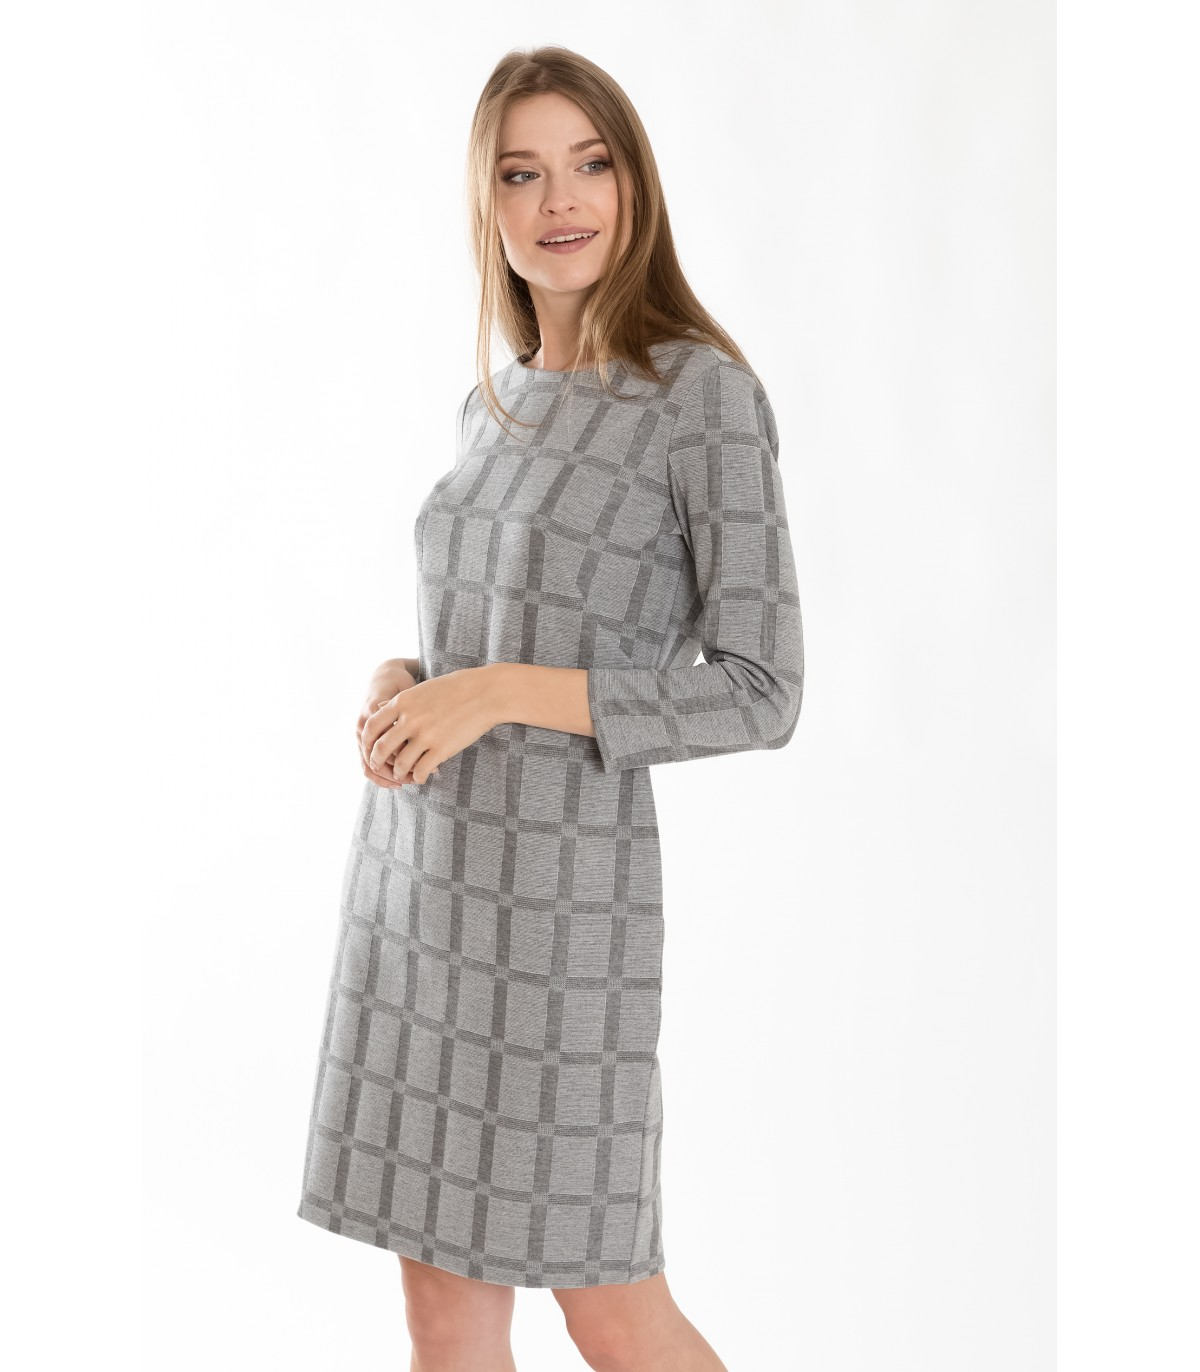 b3d783244c35 Úpletové šaty s kostkovaným motivem